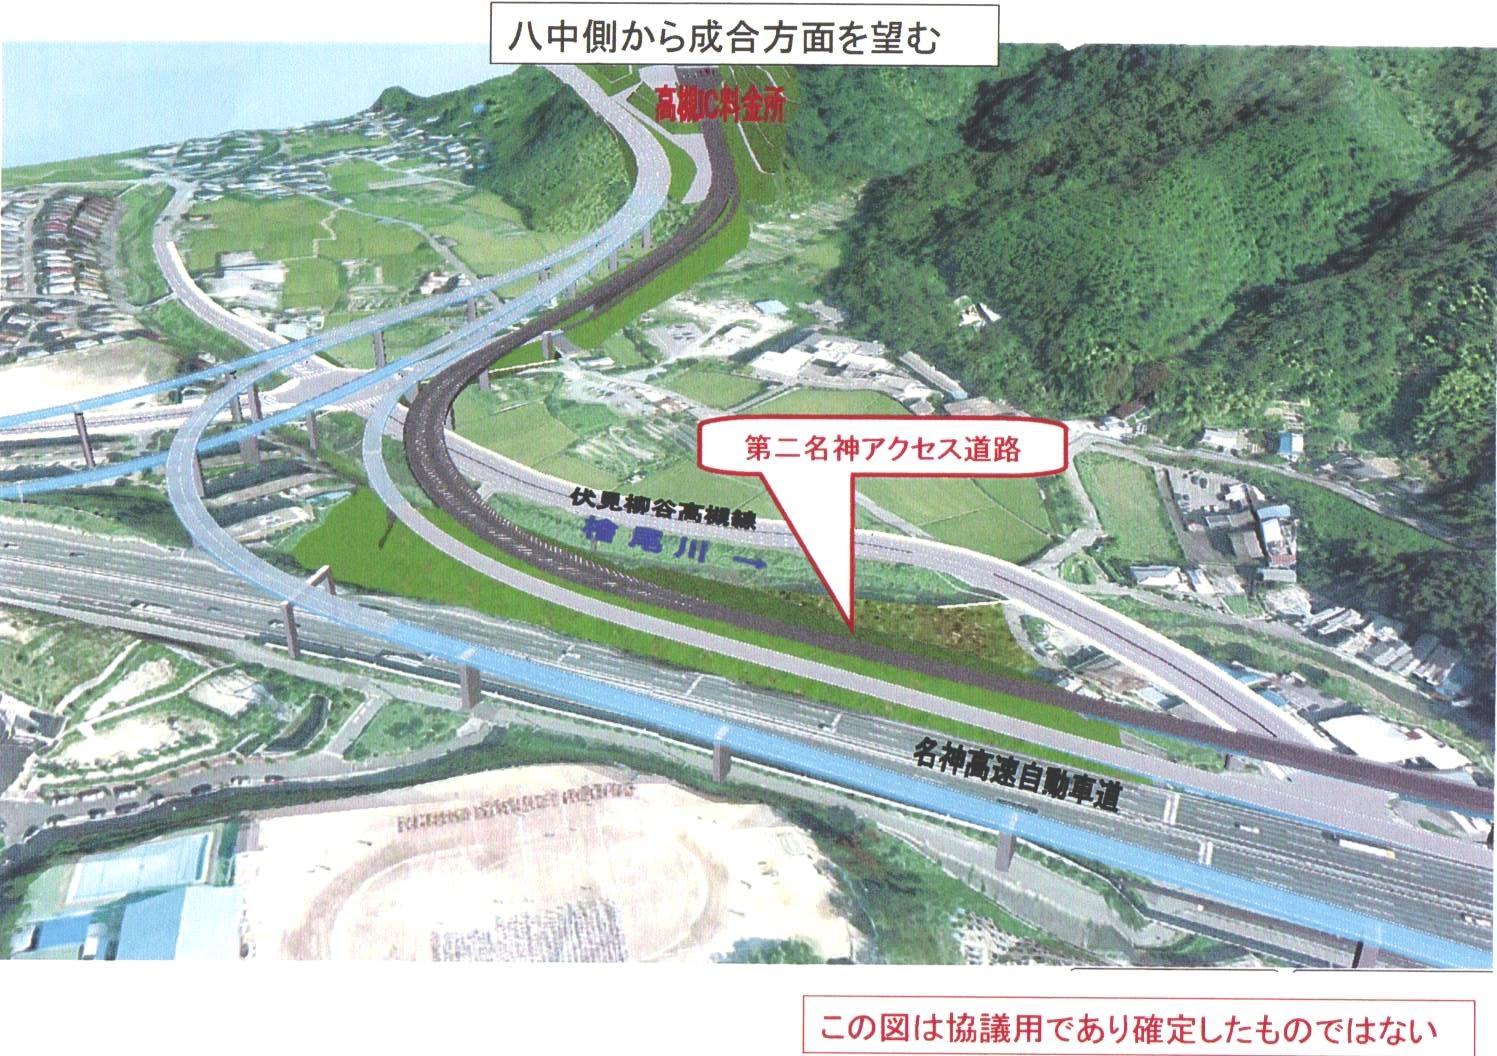 第二名神自動車道アクセス道路変更 - 岡本茂のひとりごと